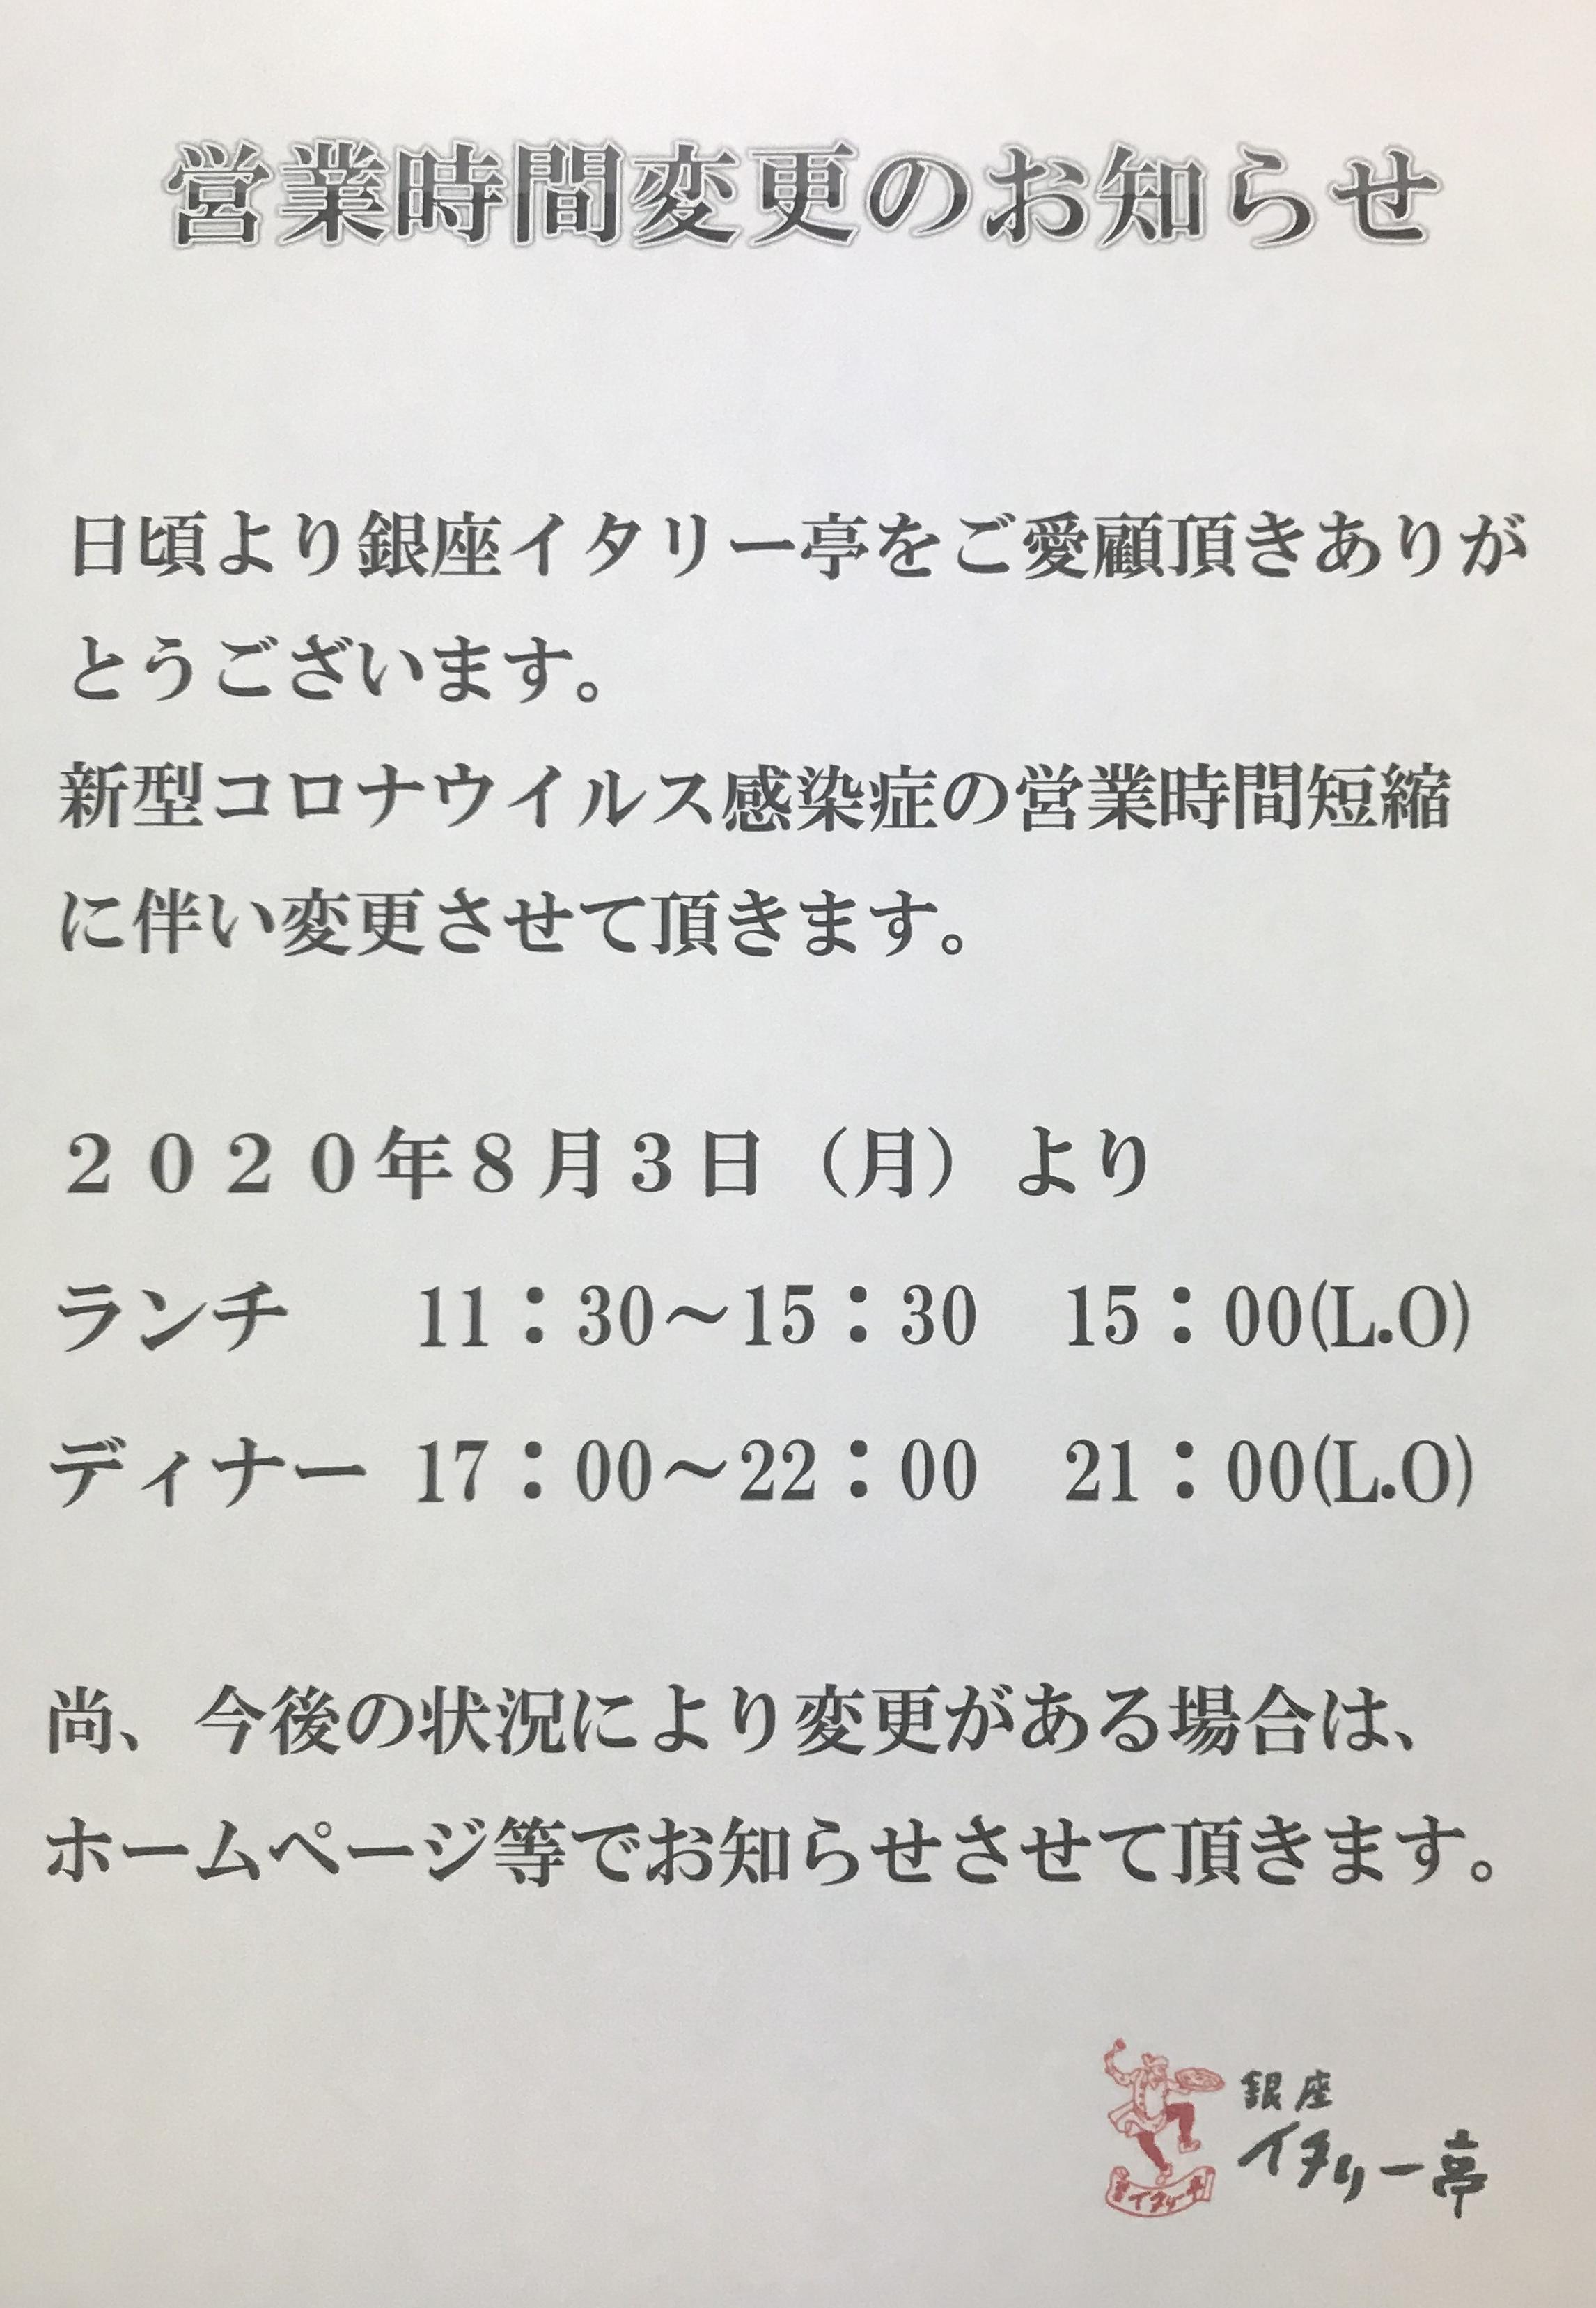 都 営業 要請 東京 自粛 コロナ警戒レベル、東京都が1段階引き下げ 外出自粛要請終了